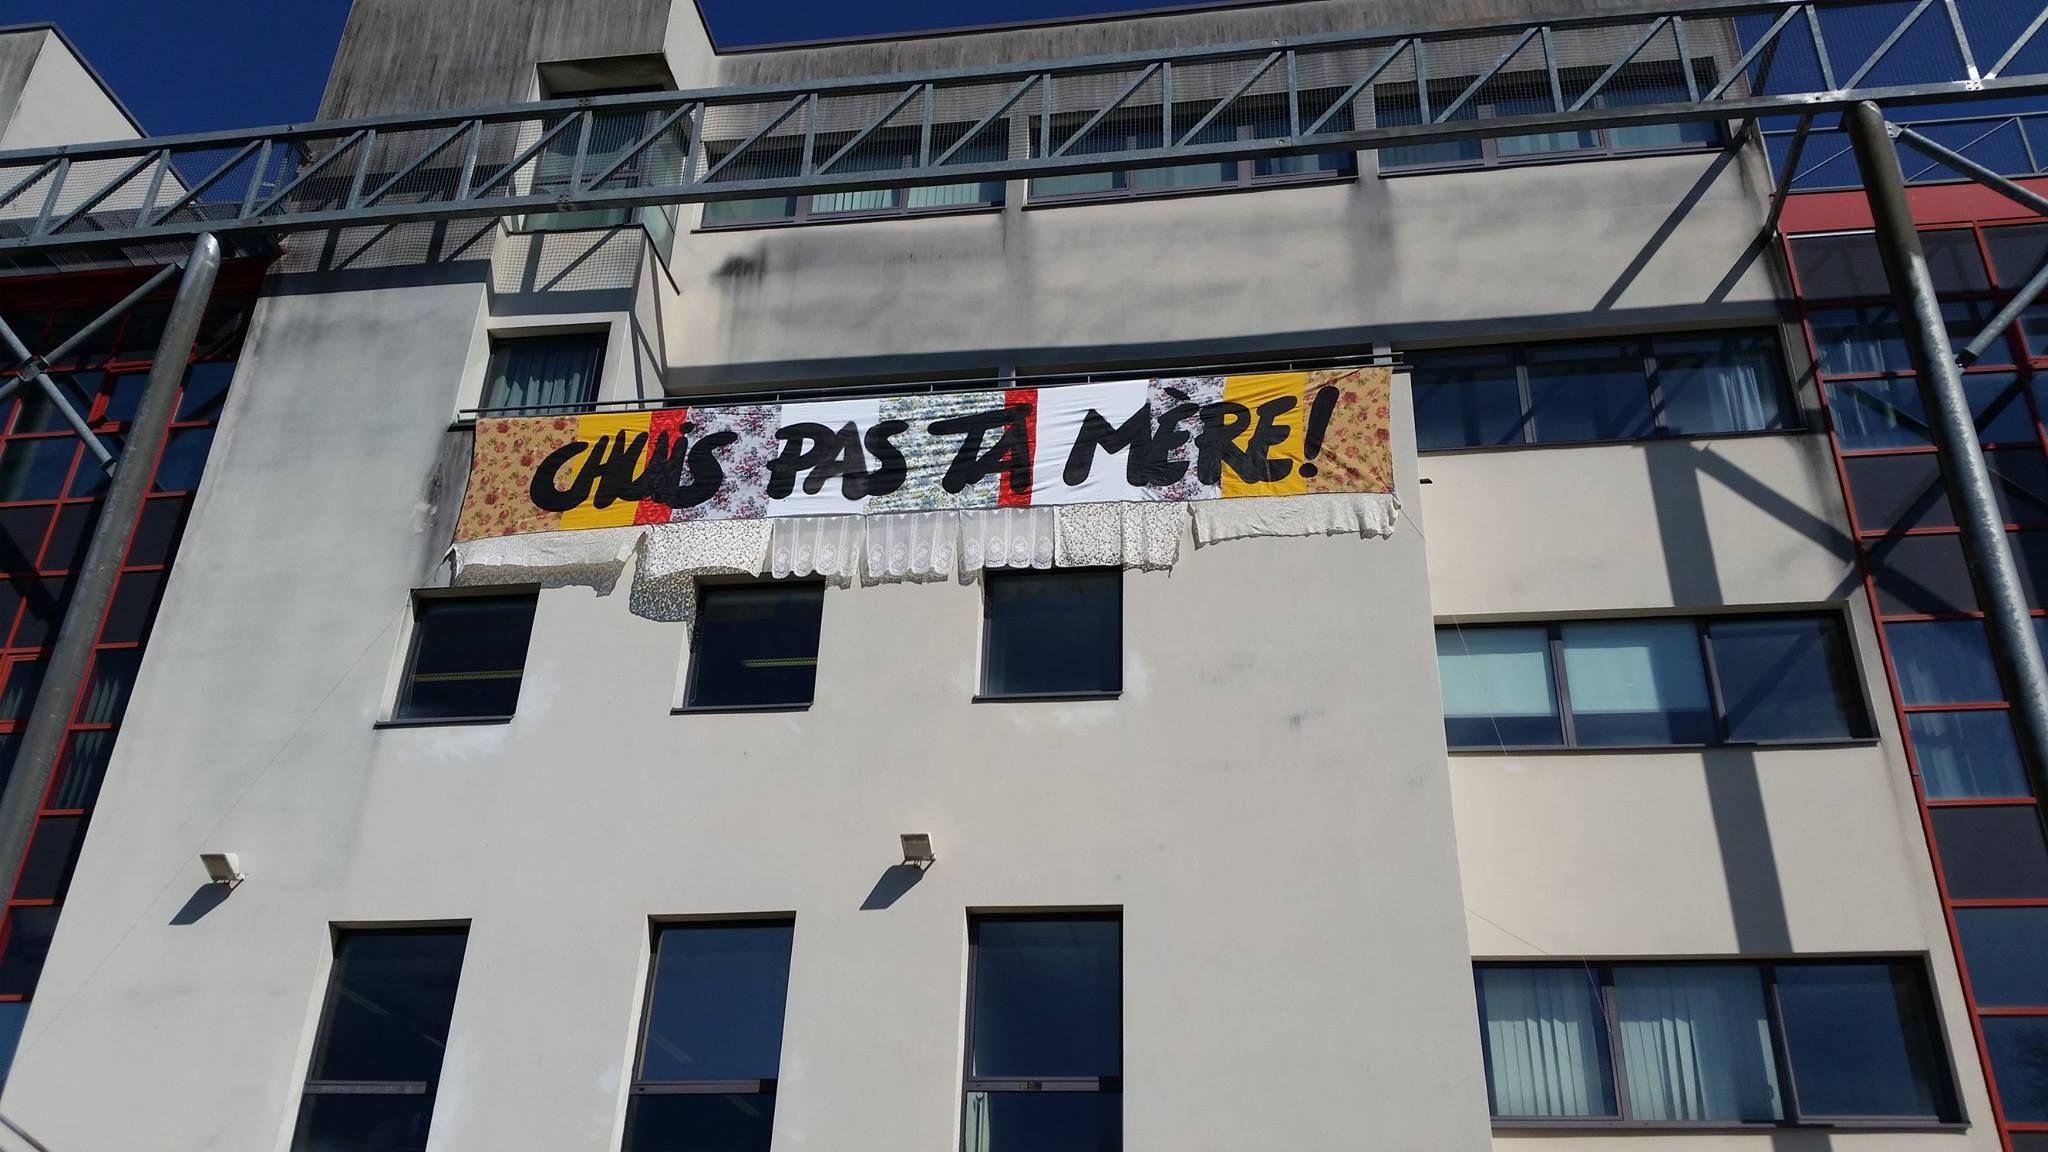 En ce début de semaine des Arts, nous avons donné carte blanche à Pierre Fraenkel pour nous décliner 3 messages sur 3 de nos campus (ici facade du batiment Pont à Sevenans)  Pour en savoir plus : https://www.facebook.com/pages/Pierre-Fraenkel/322811761070627?ref=hl)  https://www.facebook.com/MyUTBM/photos/pcb.10152819364953014/10152819364063014/?type=1